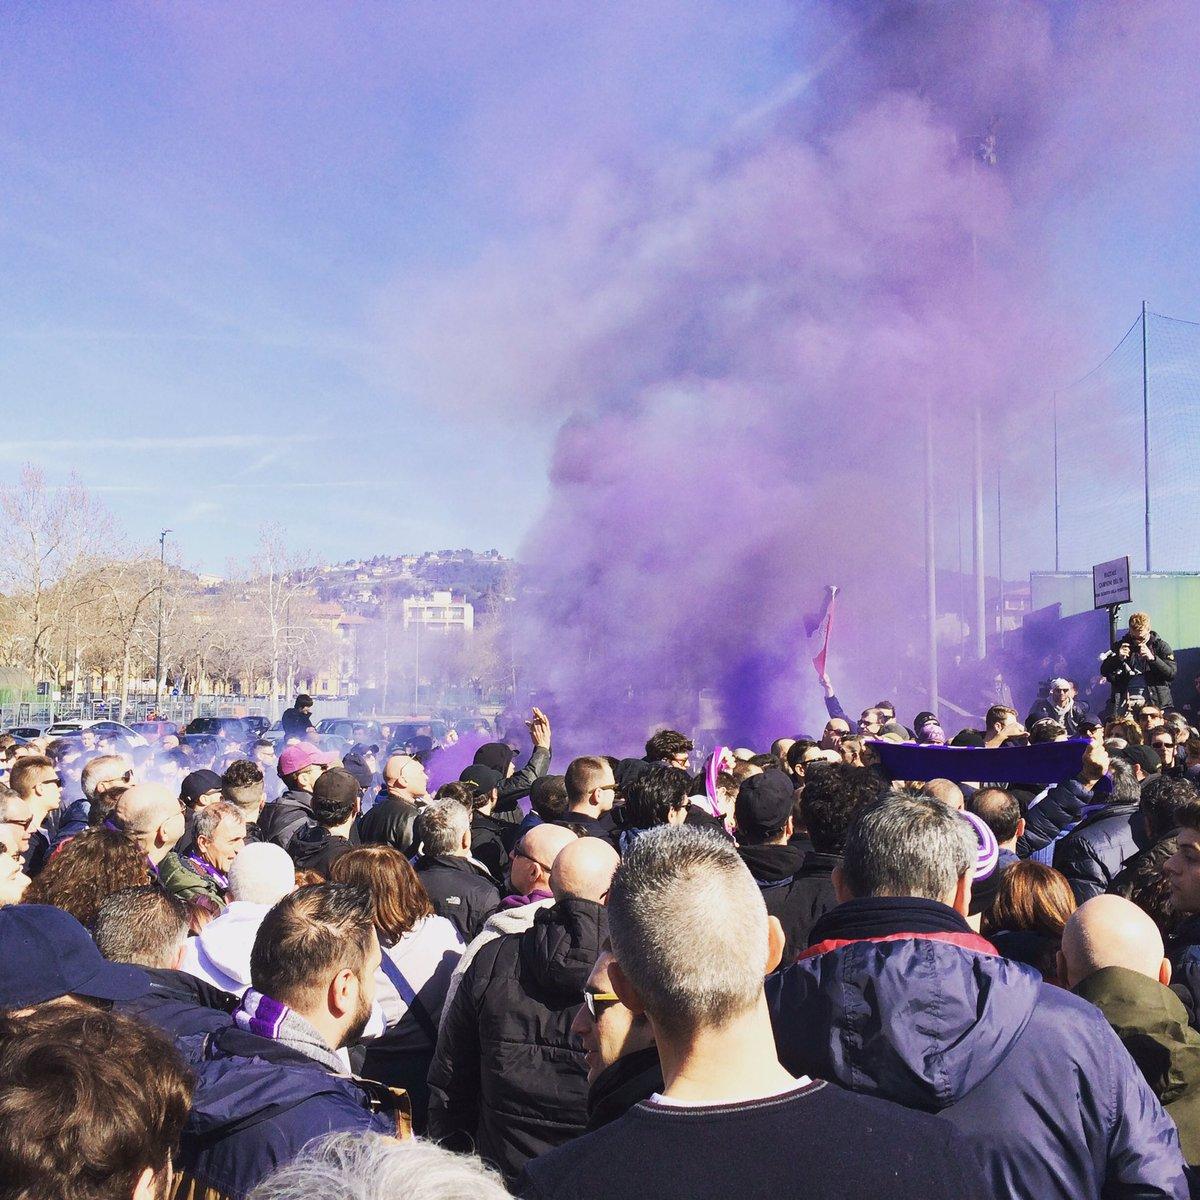 Contestazione alla Fiorentina: 500 tifosi davanti al centro sportivo dei Viola - https://t.co/HqWEXAmswp #blogsicilianotizie #todaysport